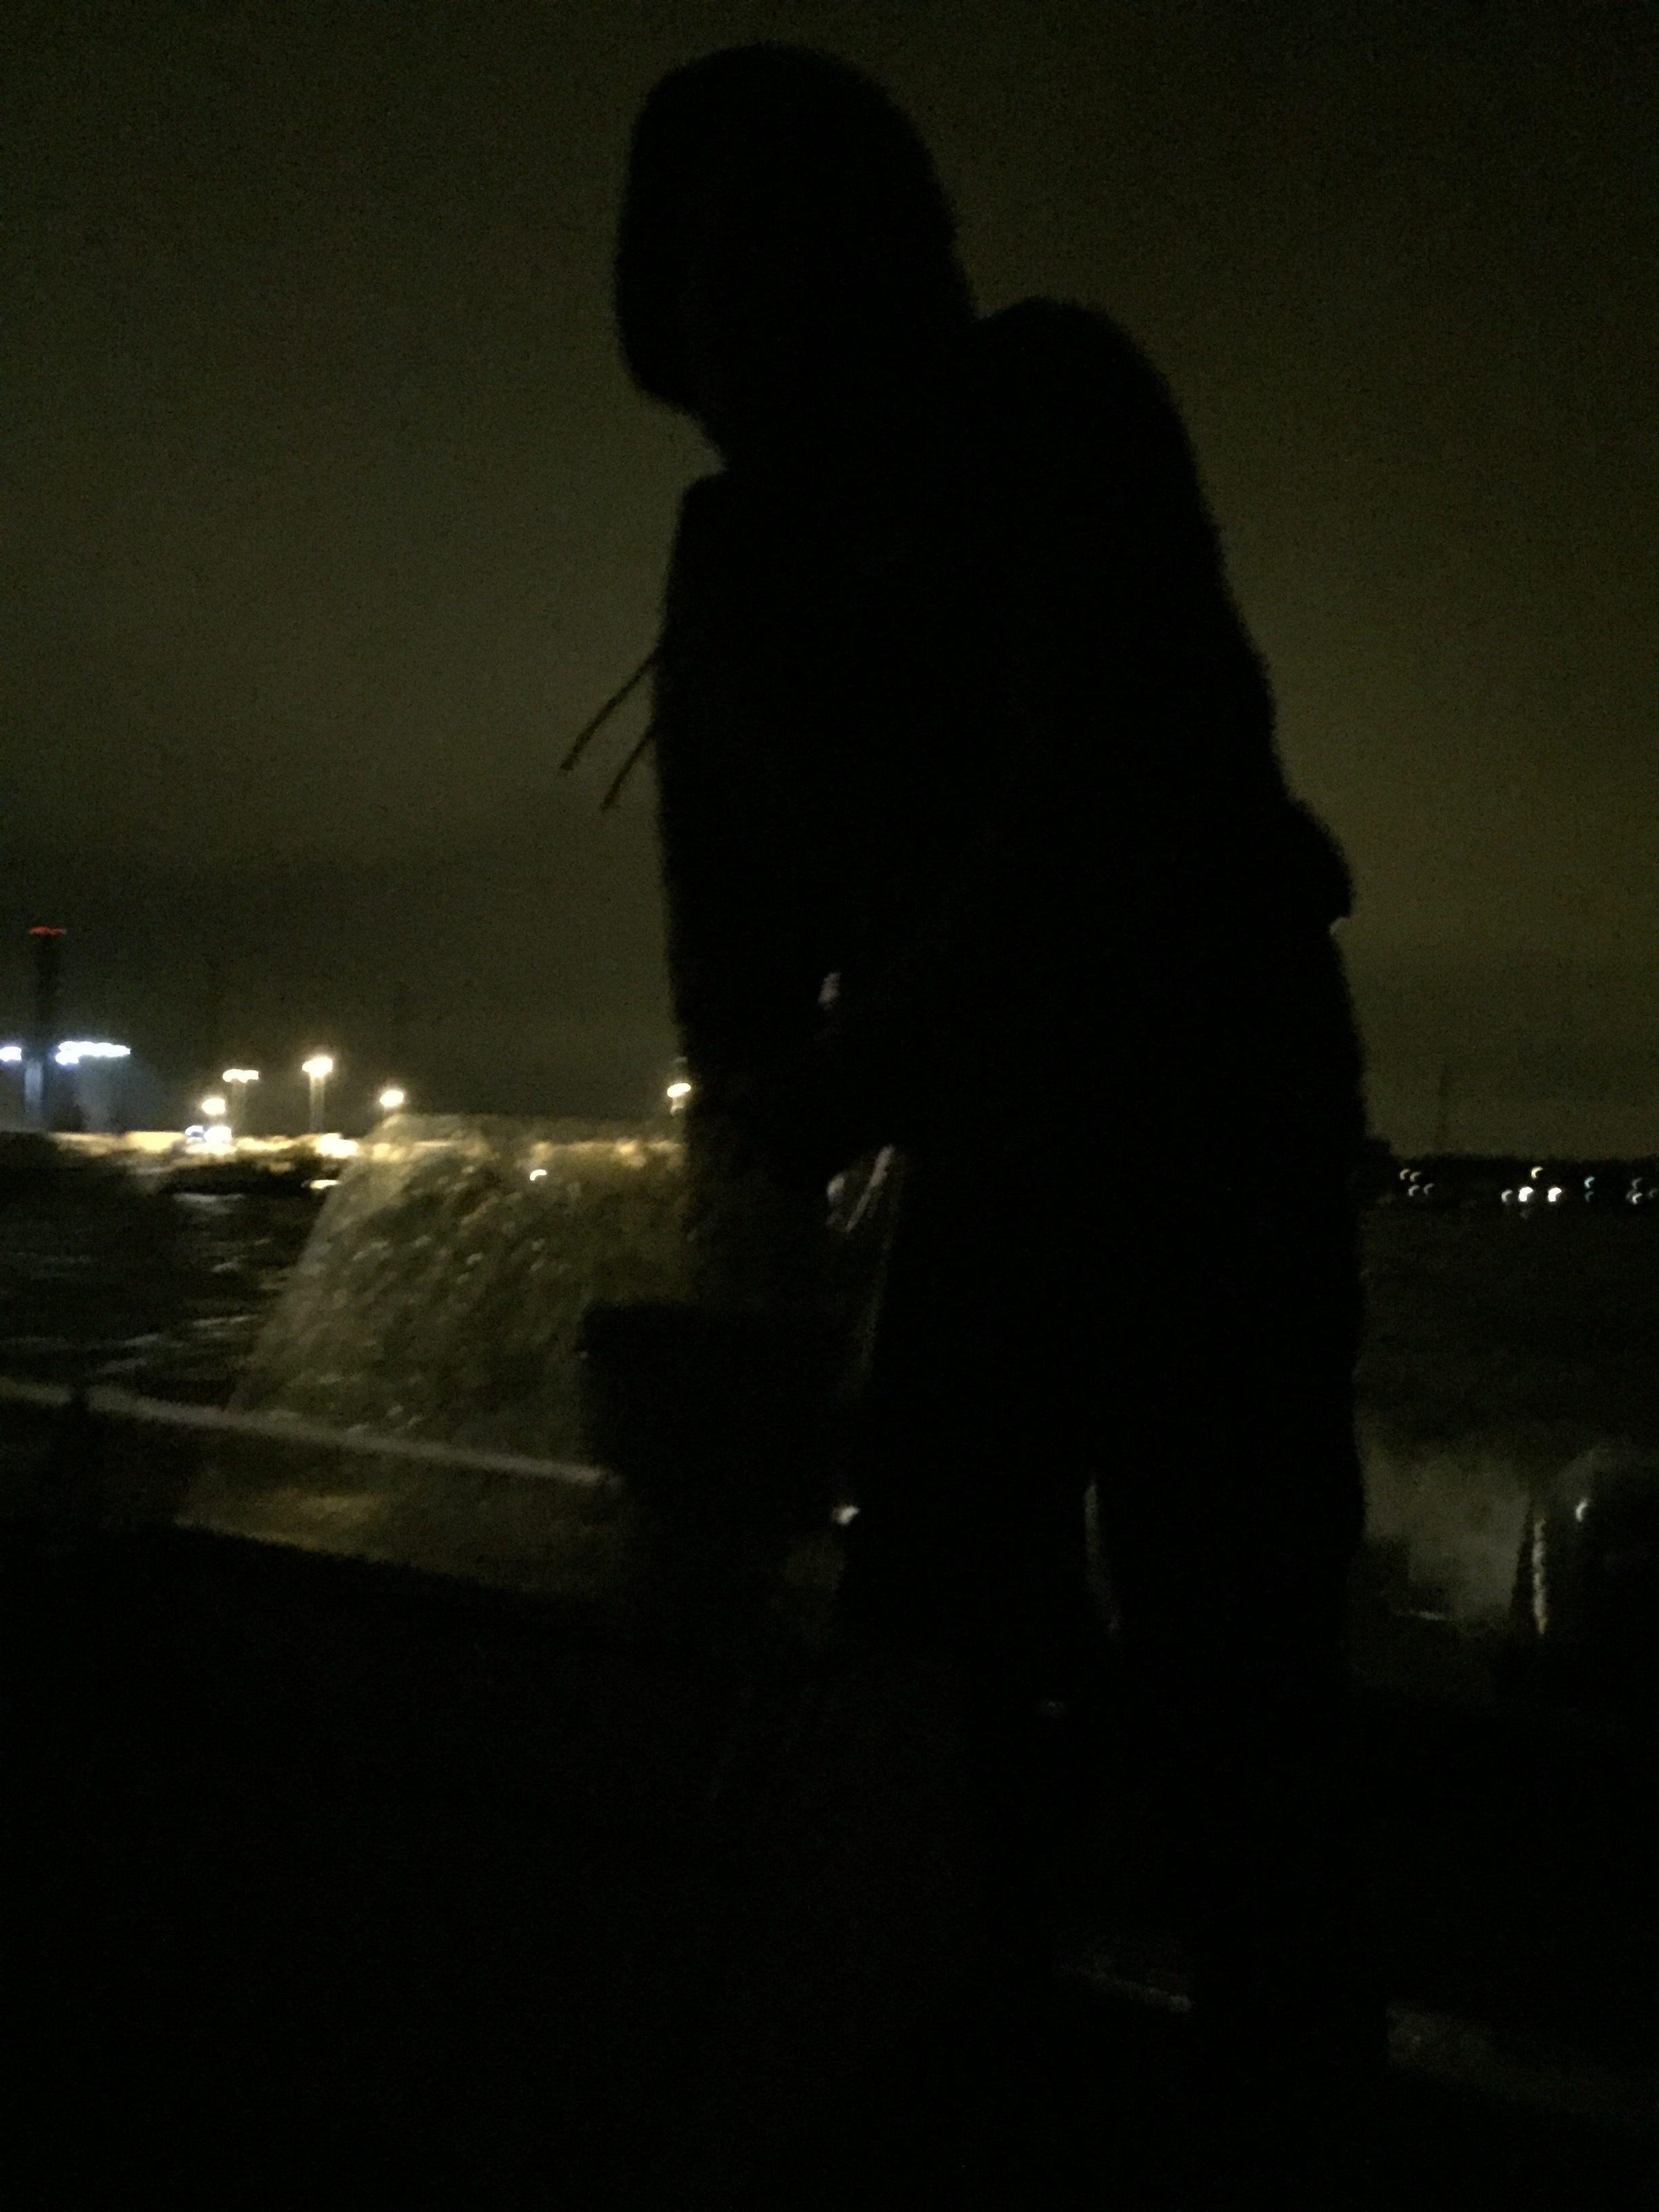 Otinhan minä sielä veneen pohjalta kuvankin. Eikö olekin hieno!